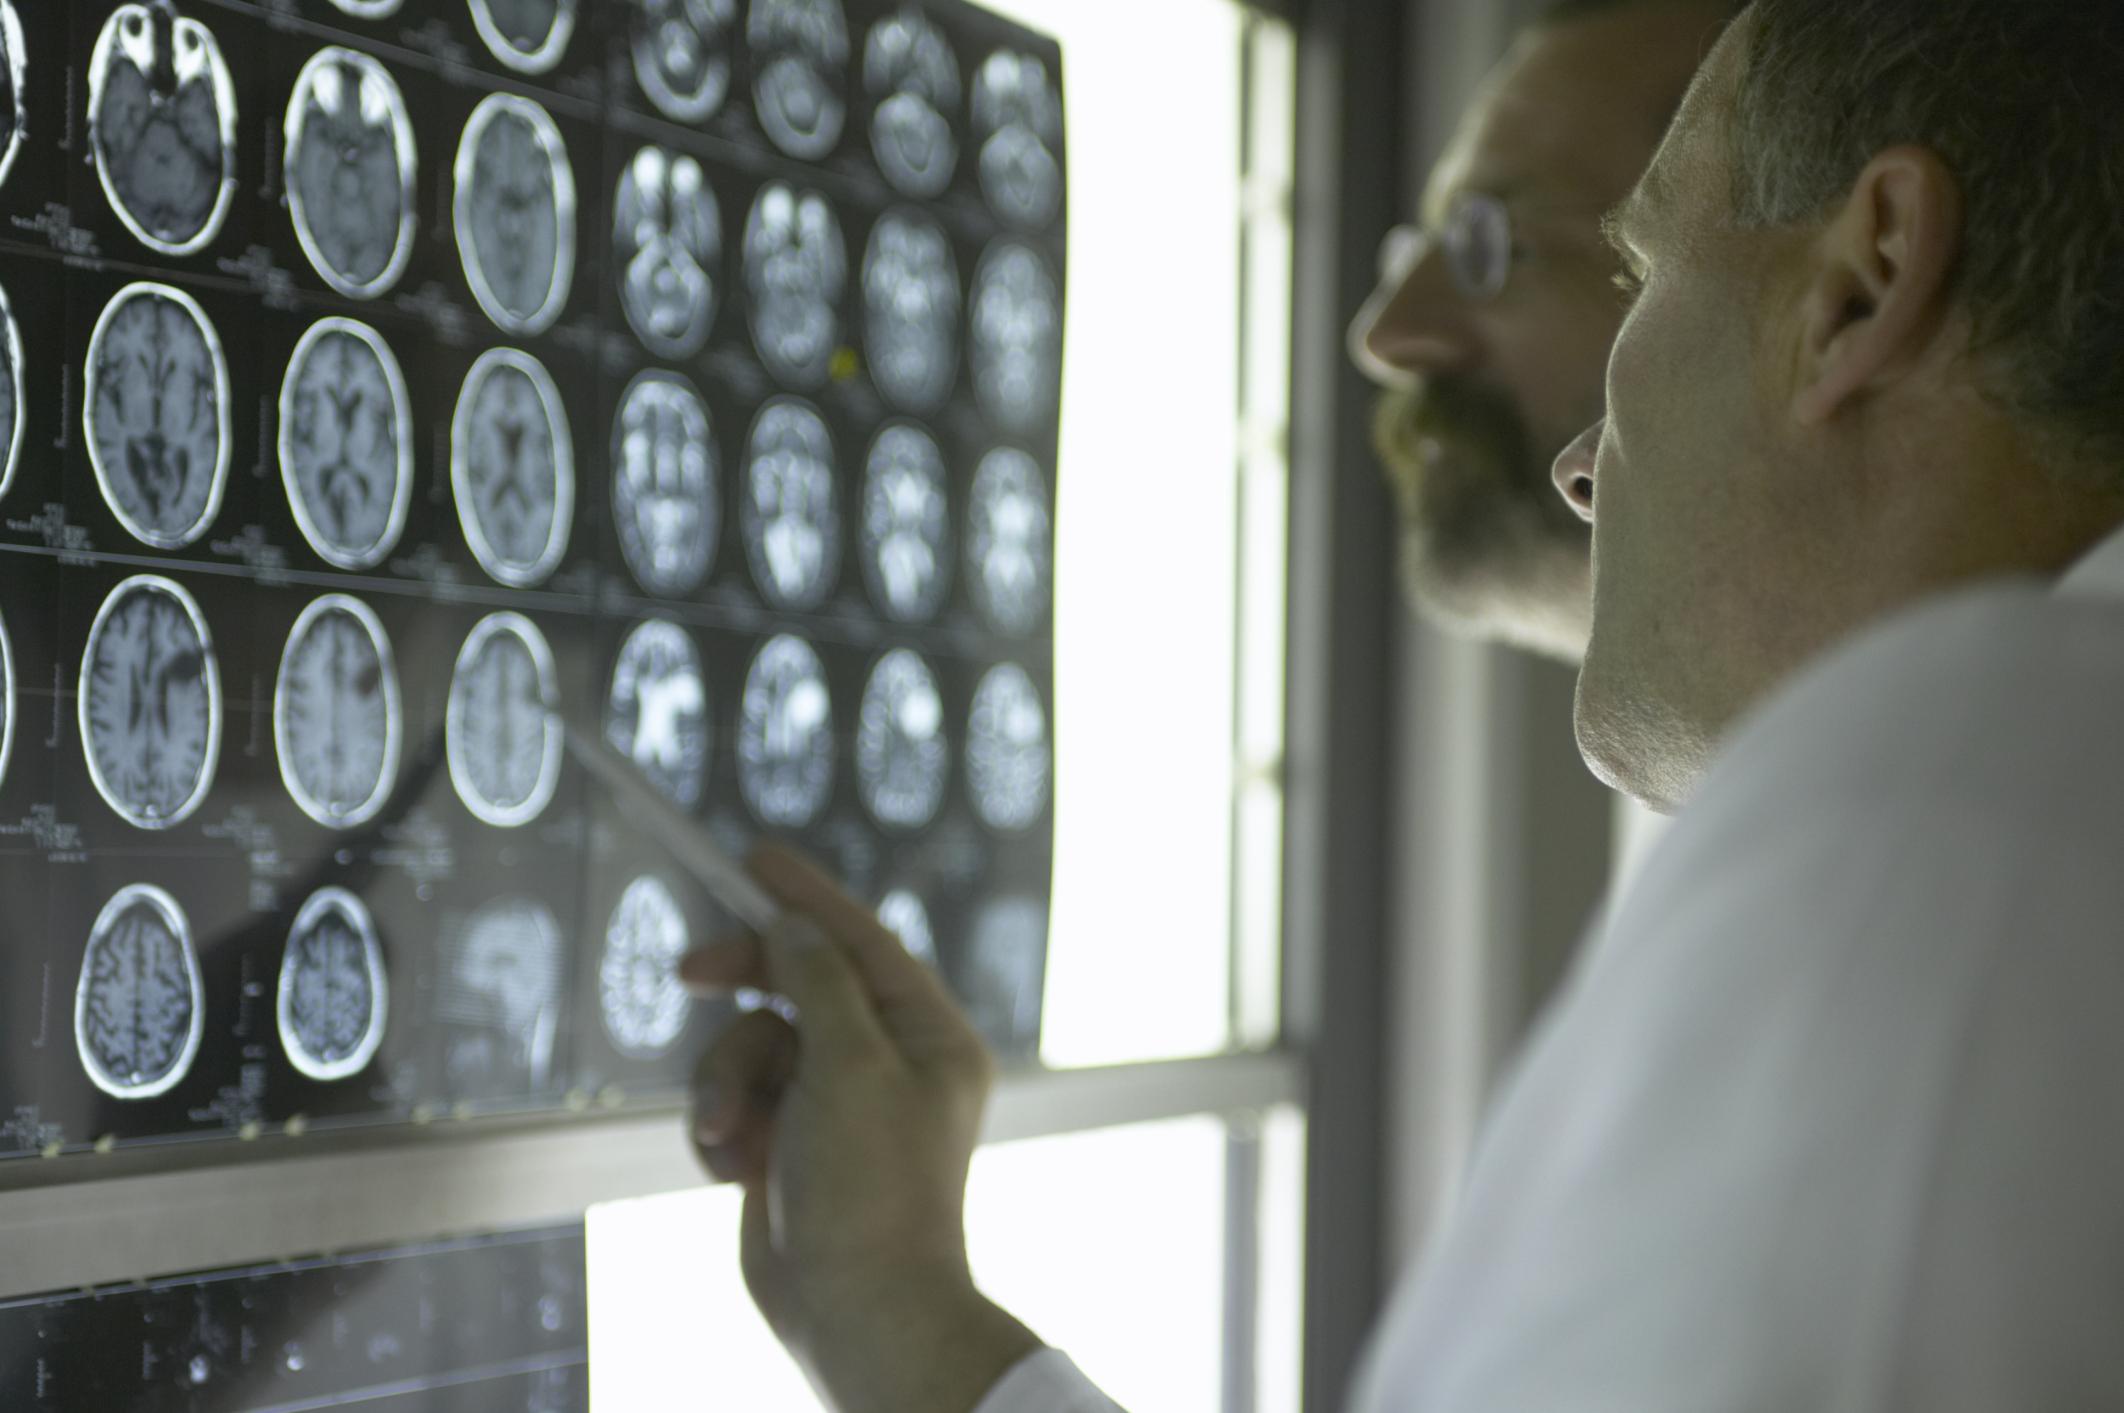 gyilkos agy 3 (erőszak, gyilkos, gyilkosság, gyilkos hajlam, gén, genetika, agy, agyműködés, agykutatás, amigdala, enzim, harcos gén, pszichológia, orvostudomány, fmri, )